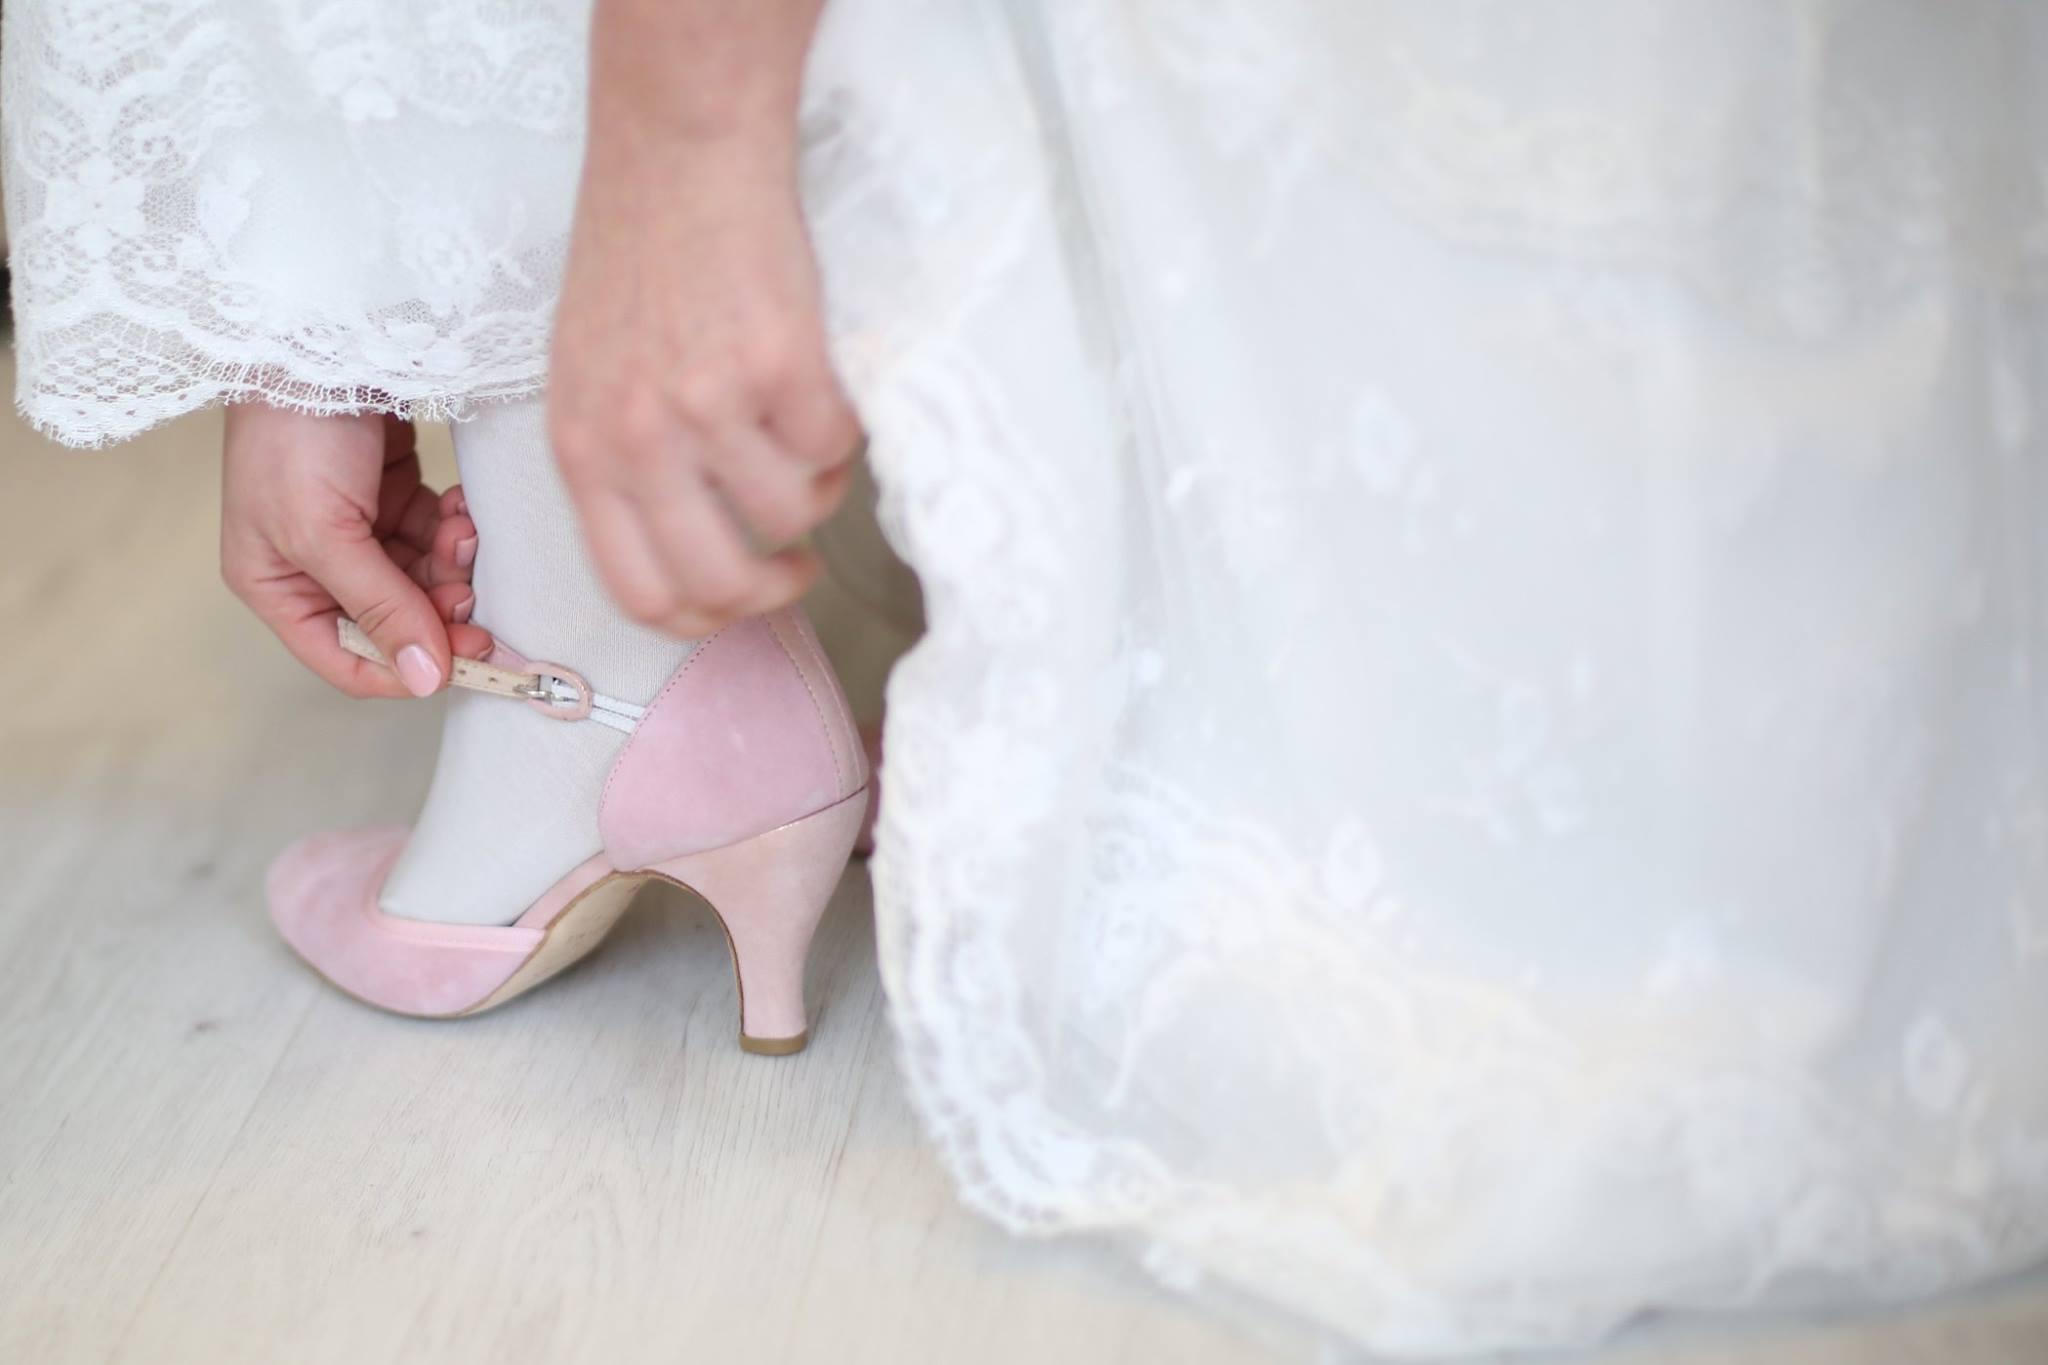 Mes accessoires : les chaussures et les bijoux